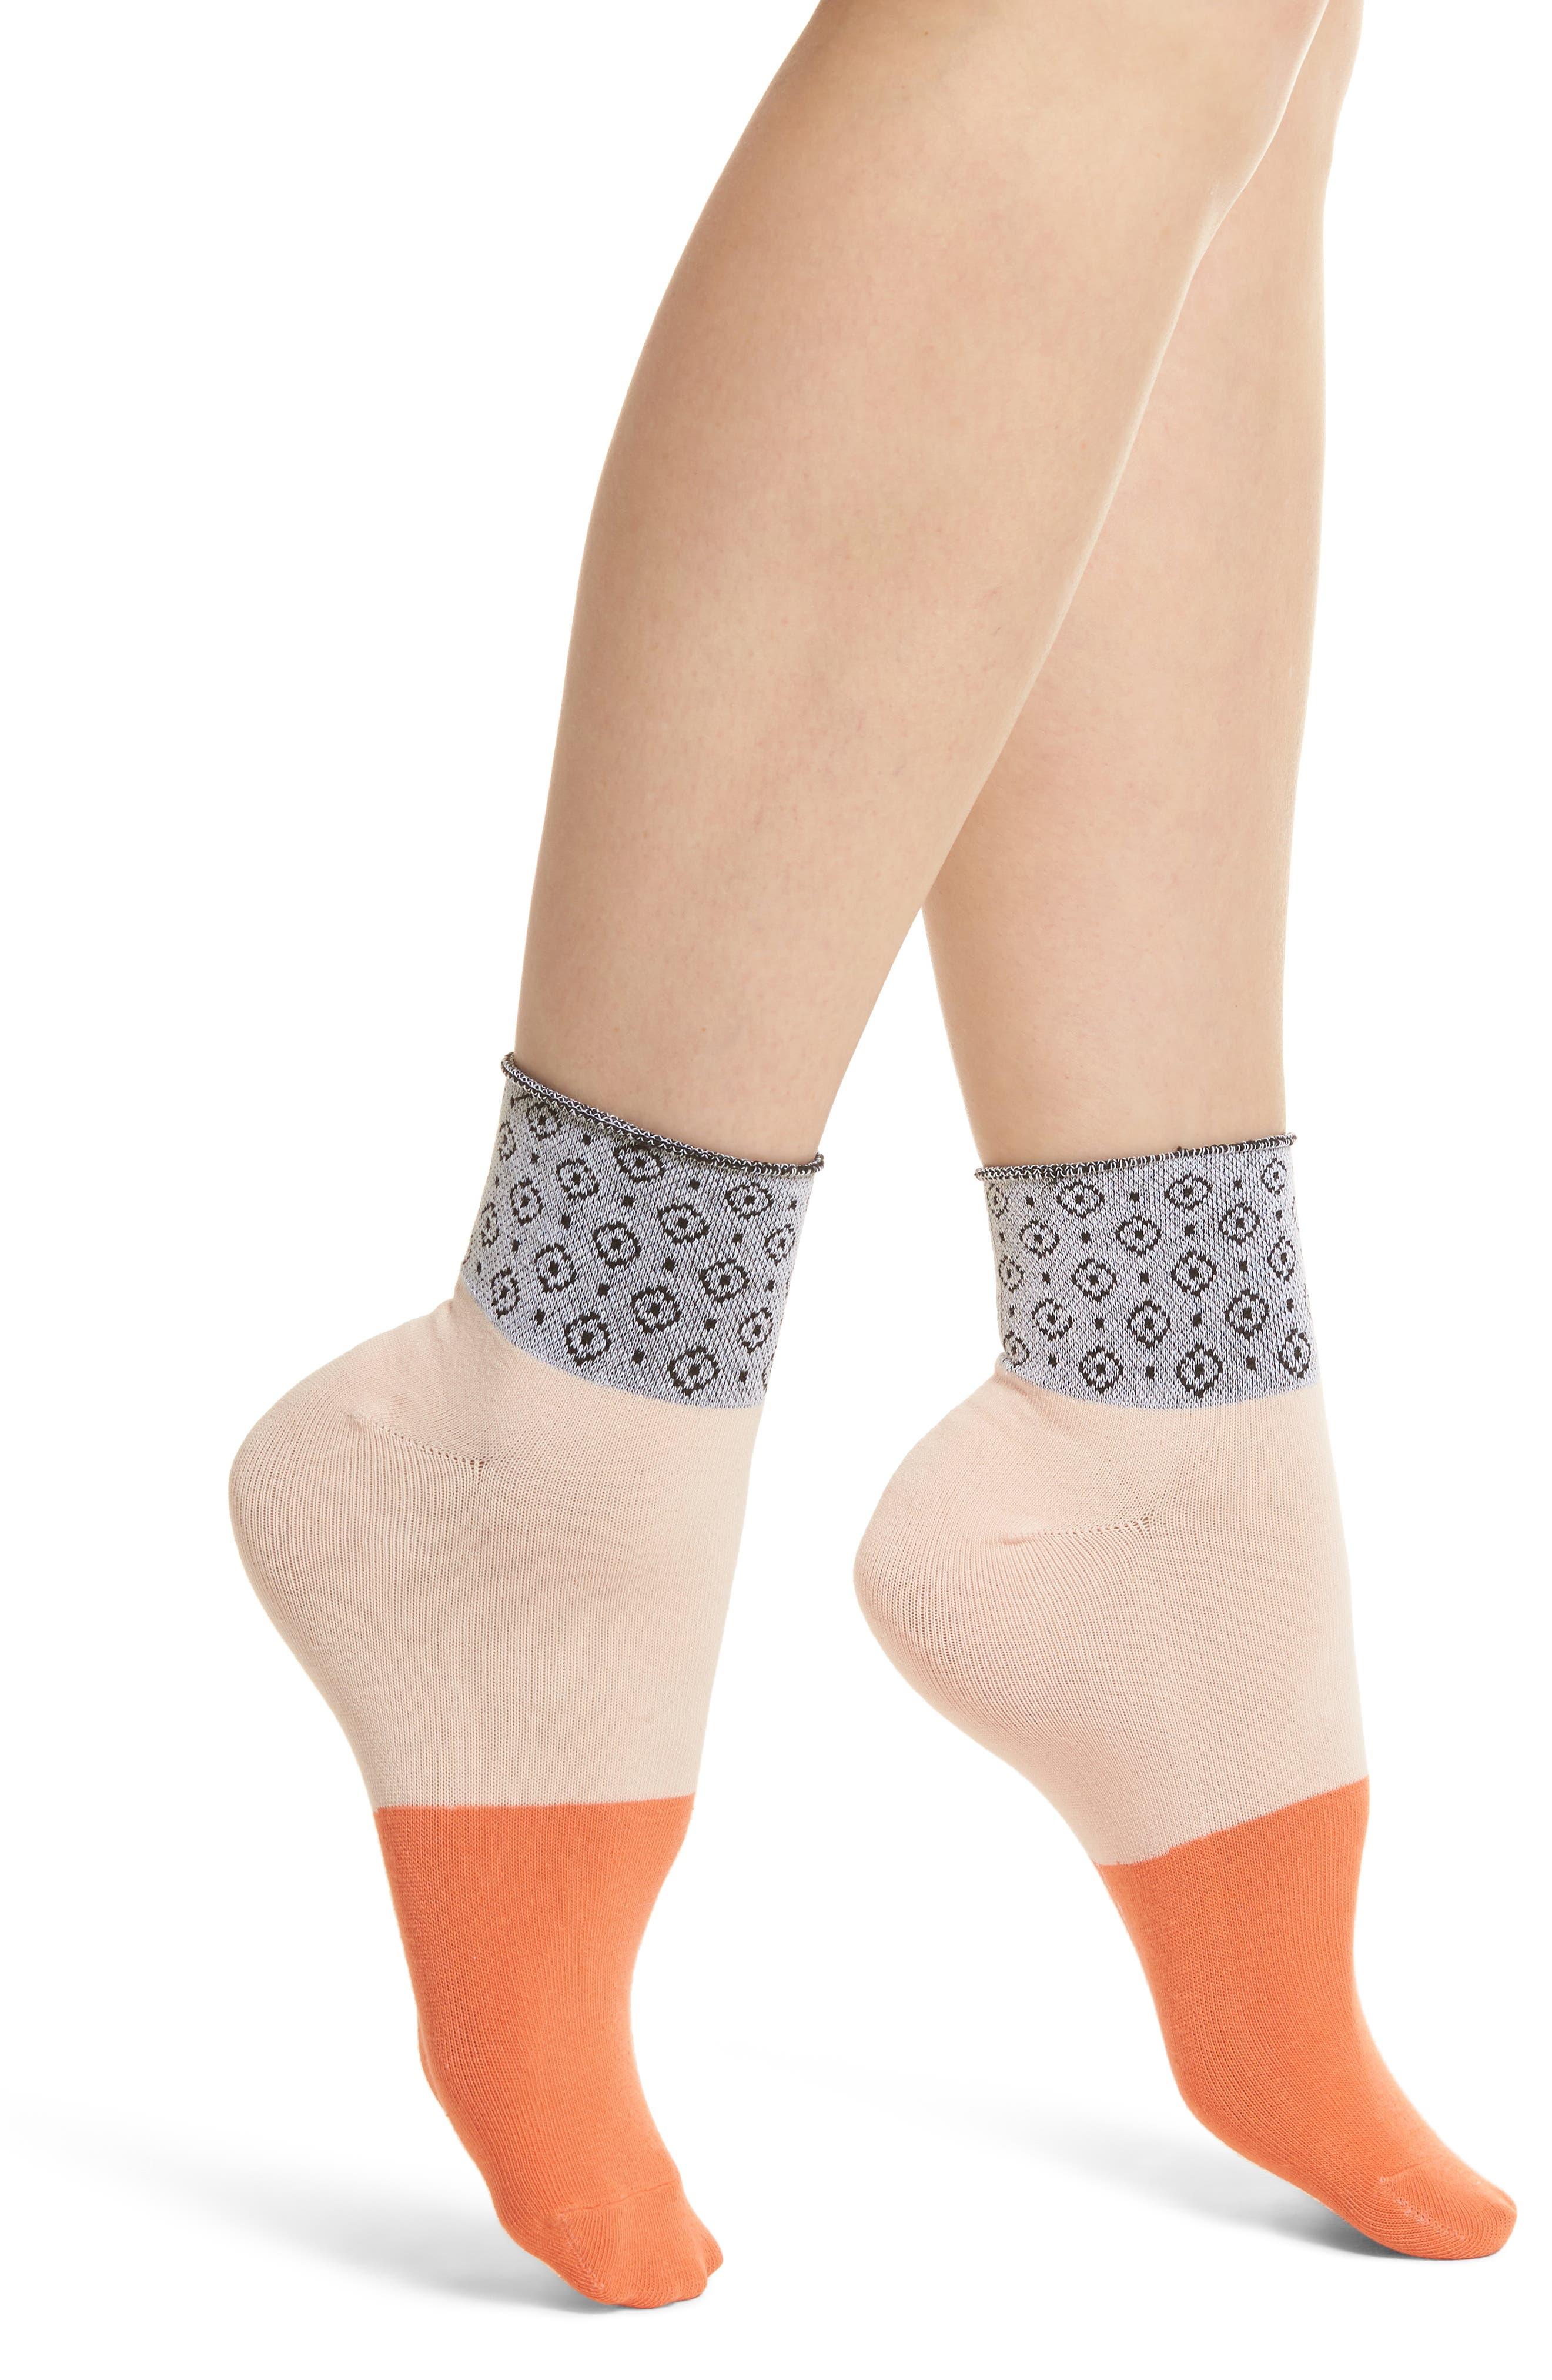 Richer Poorer Celina Ankle Socks